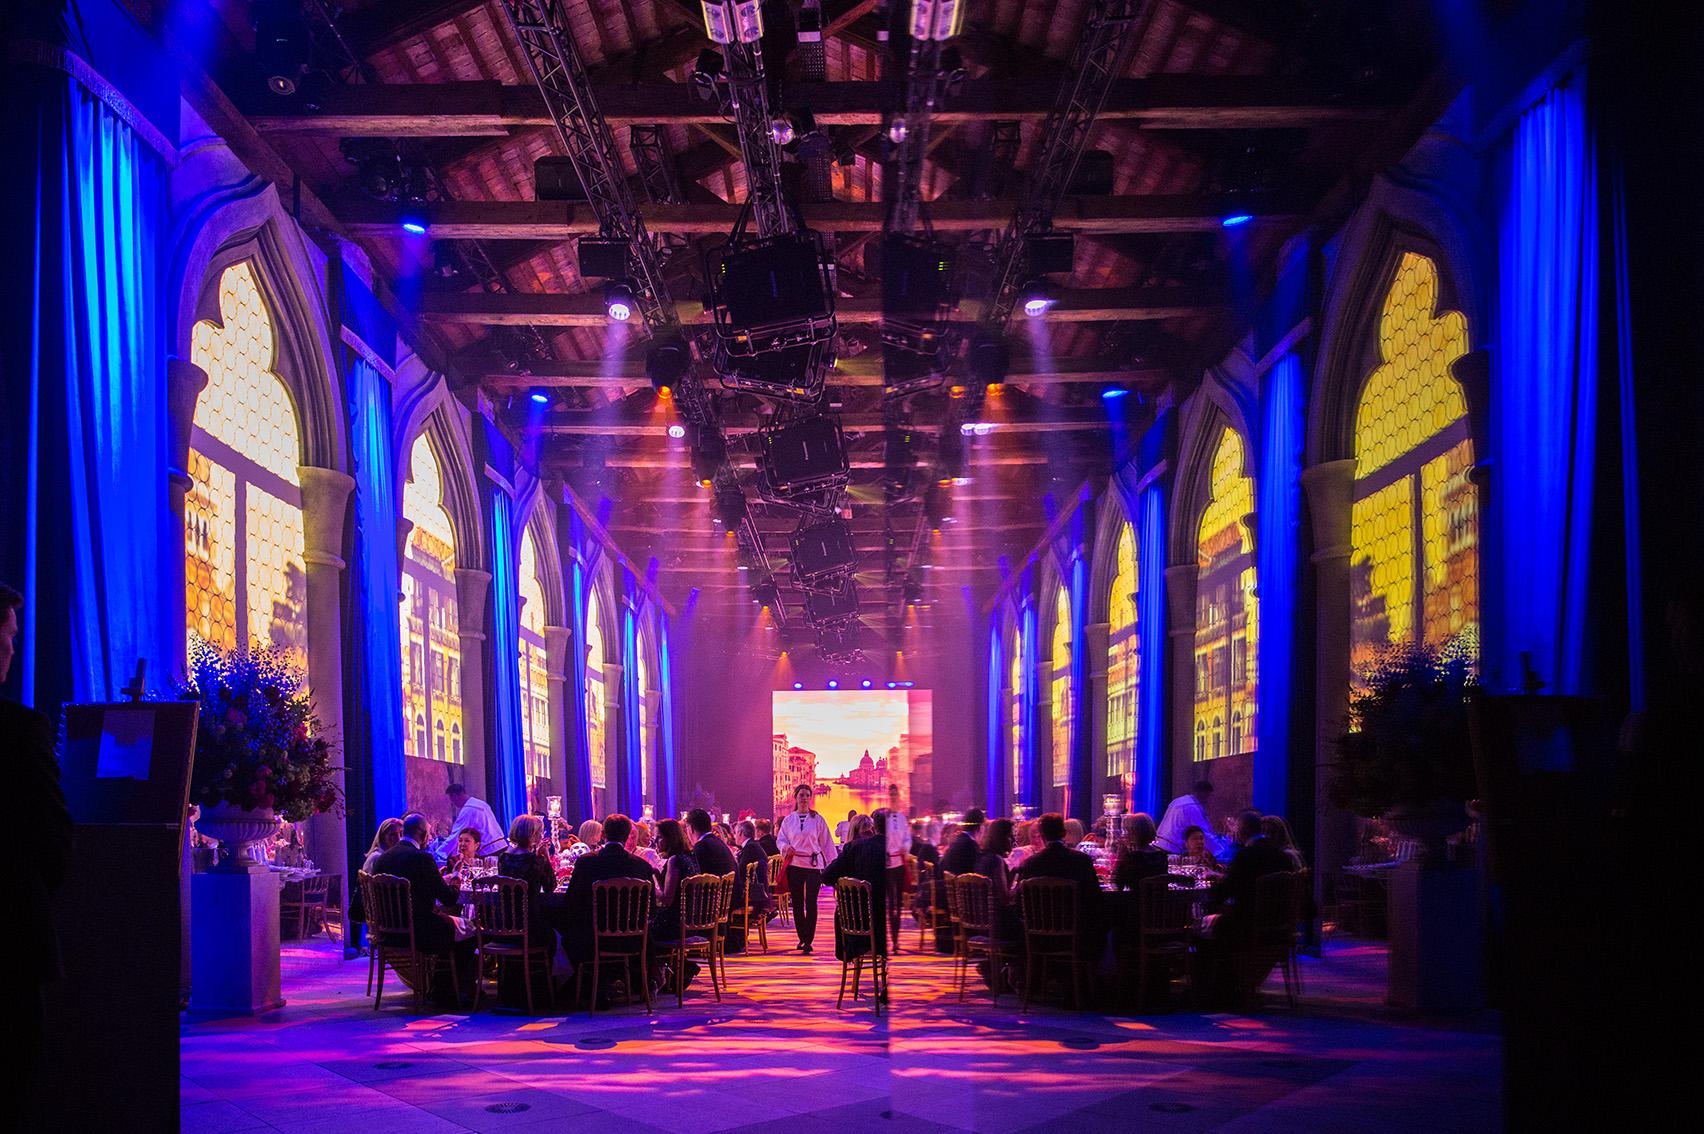 Eventfotografie Wien